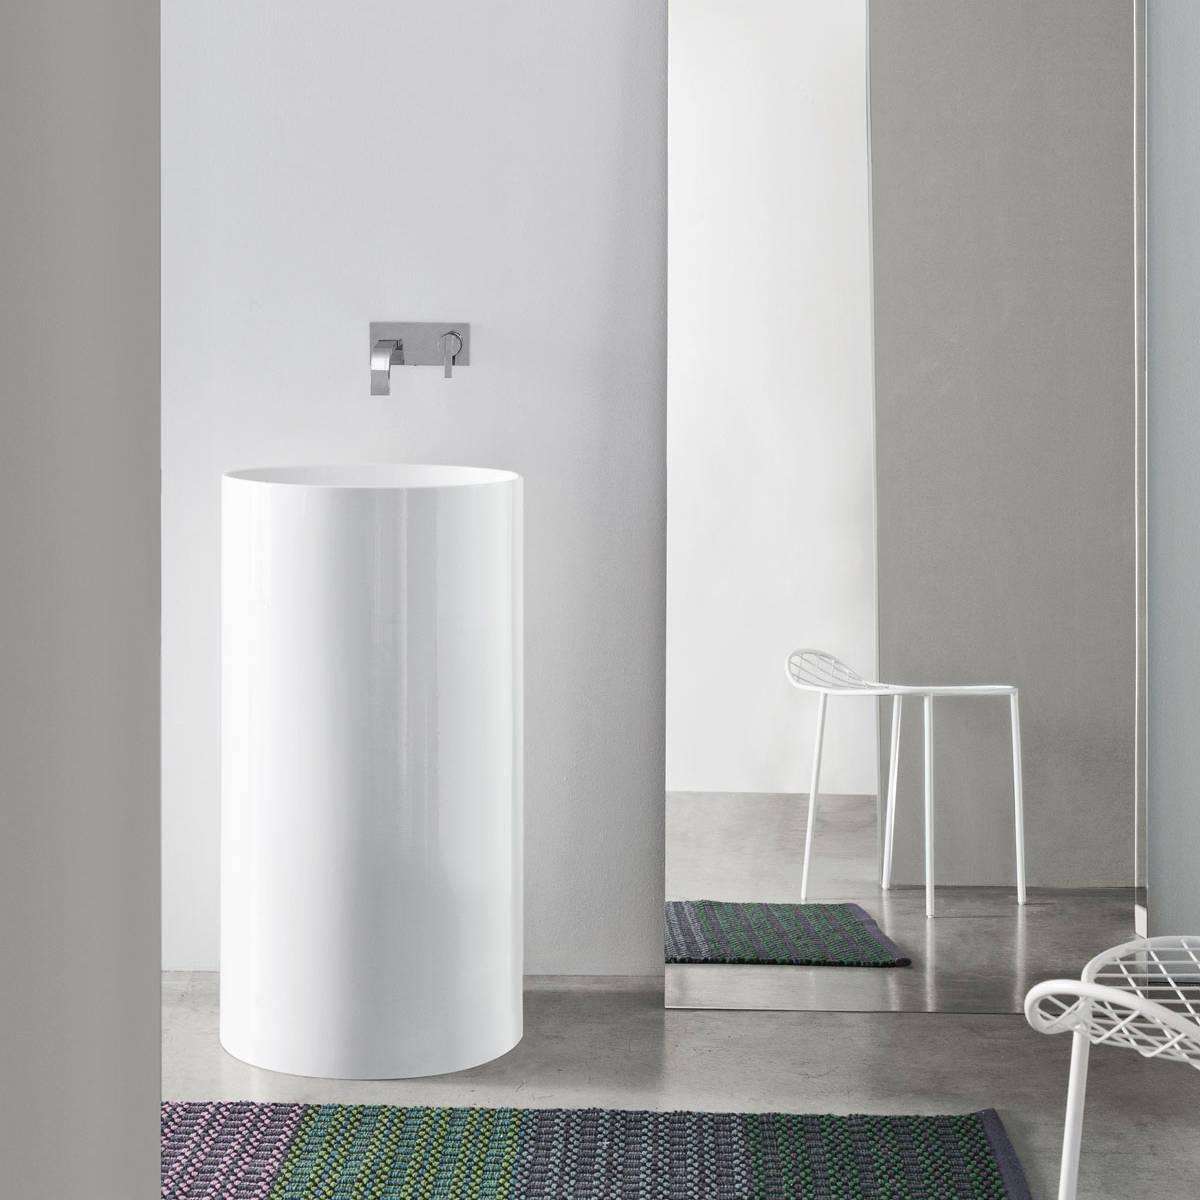 lavabo au sol ceramique sans trou pour robinet ovvio nic design